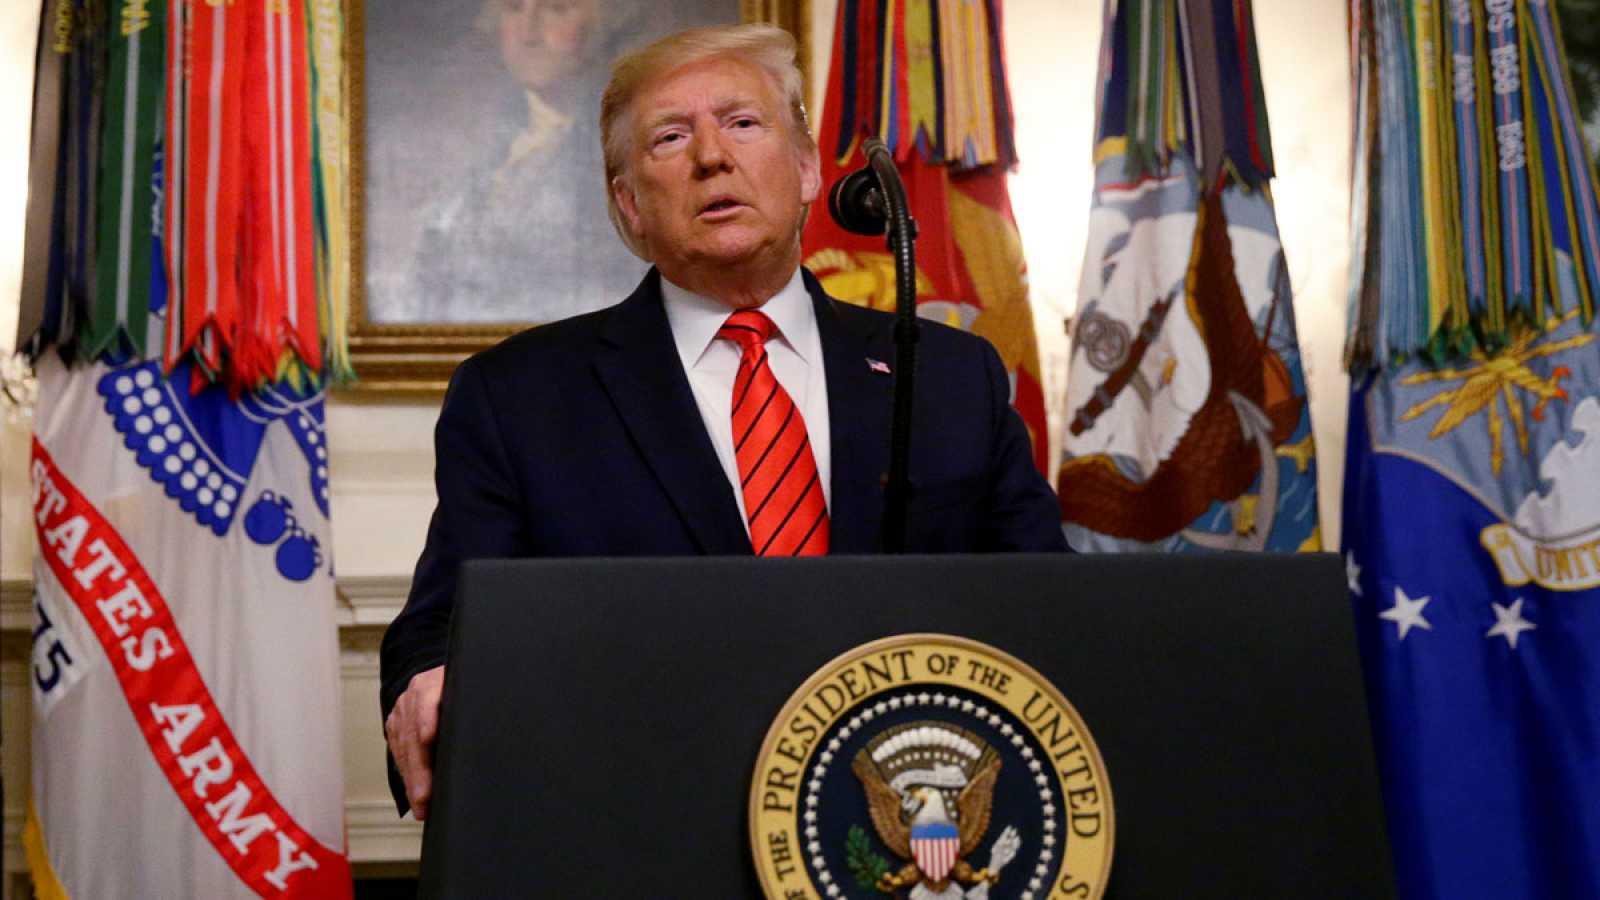 Trump anuncia la muerte del líder del Estado Islámico, Abu Bakr al-Baghdadi, en una operación en Siria